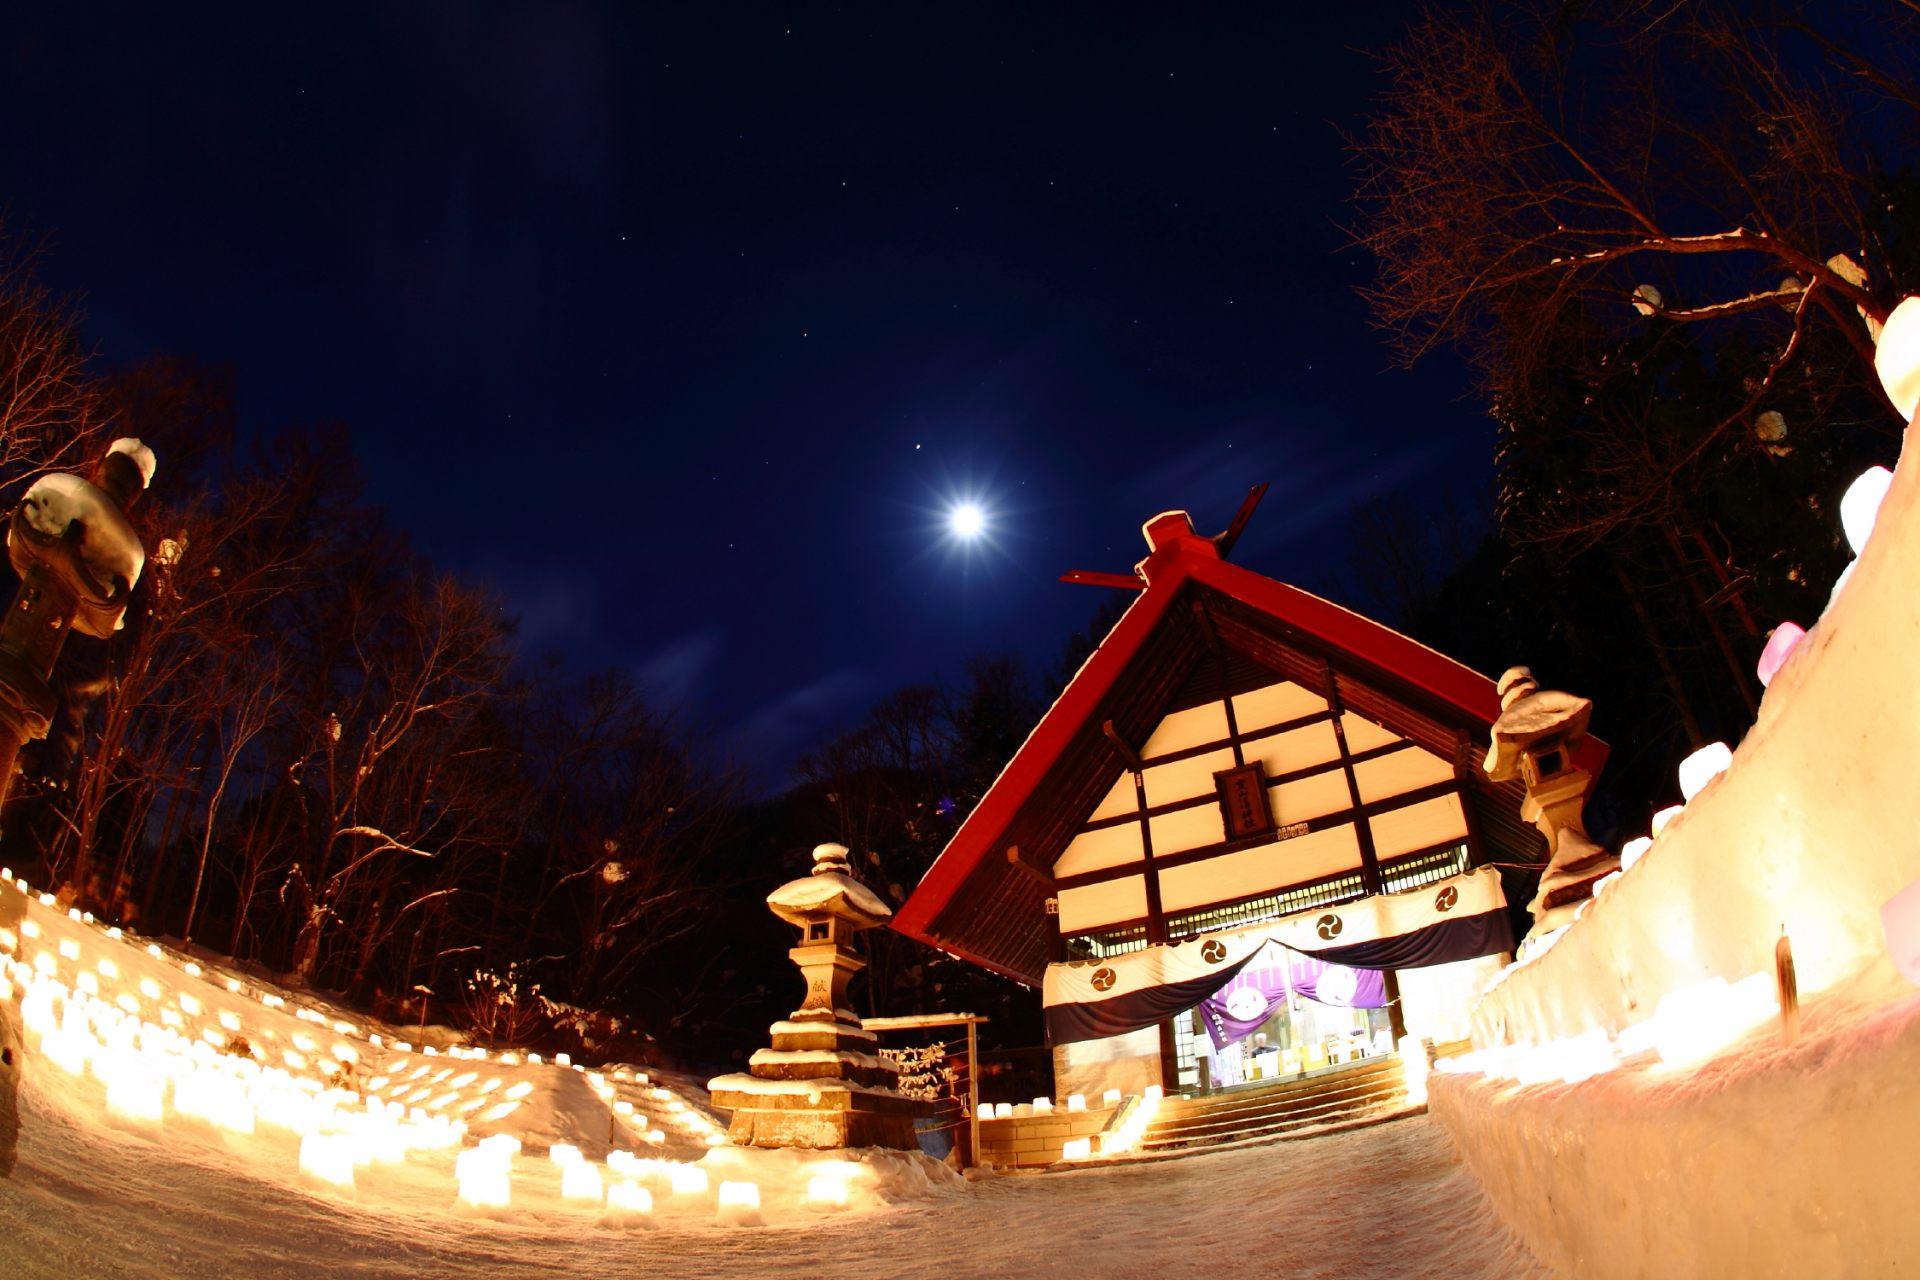 冬天的定山溪:定山溪溫泉(雪燈路)